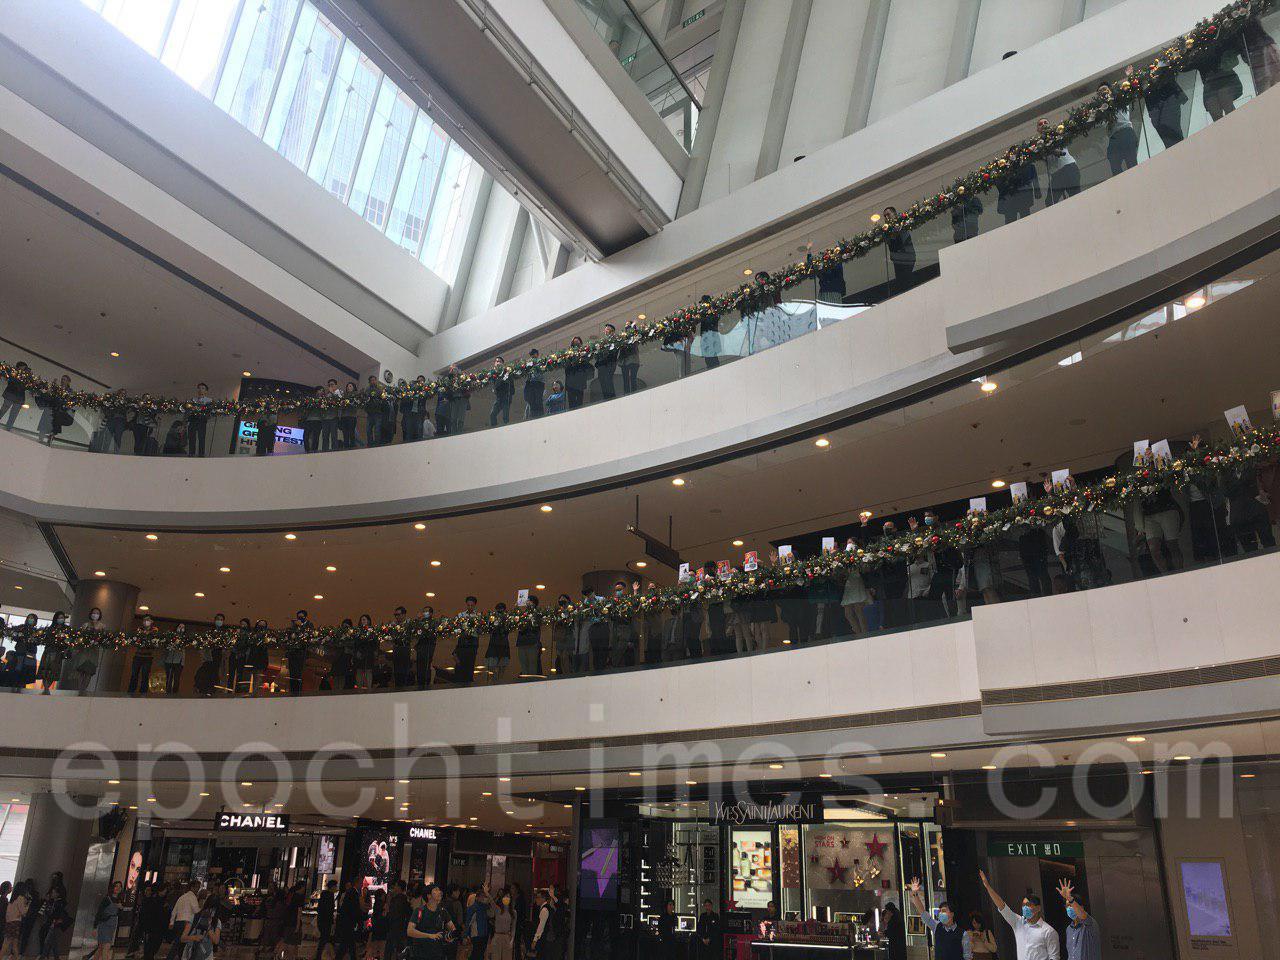 26日午時左右,中環上班族發起「和你lunch」行動聲援理大抗爭學生。圖為中環IFC。(陳泓銘/大紀元)